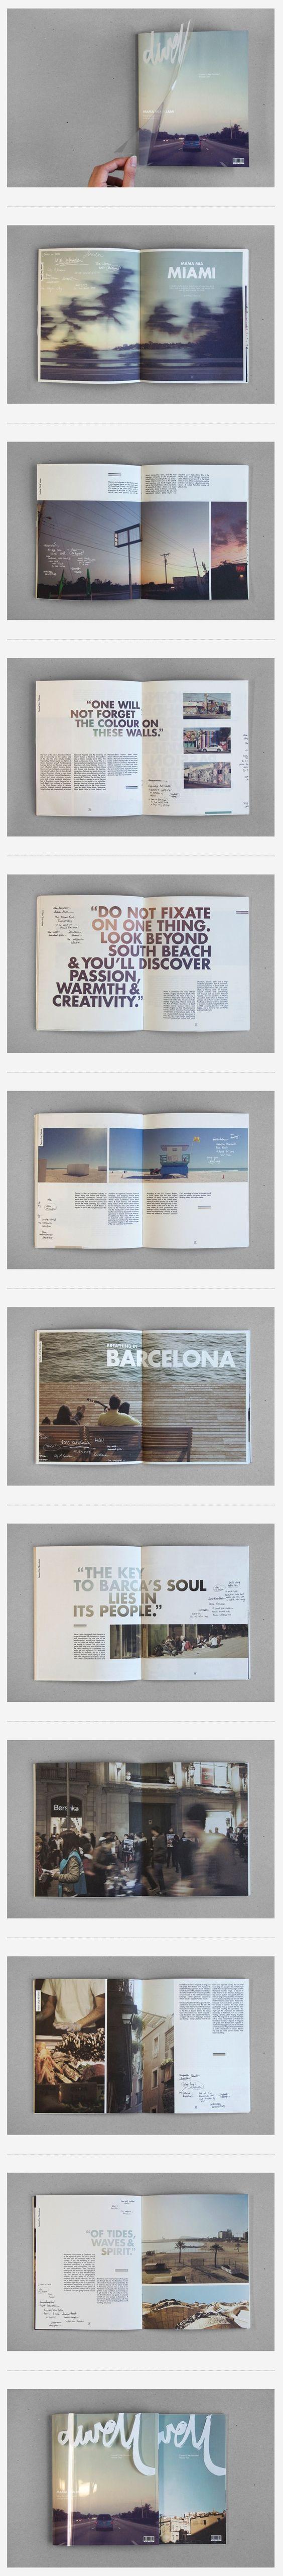 포토북. 단순한 구조. 여행의 기억을 이미지화하고 텍스트와 시각적으로 조합시킴. 제본으로 완성.: